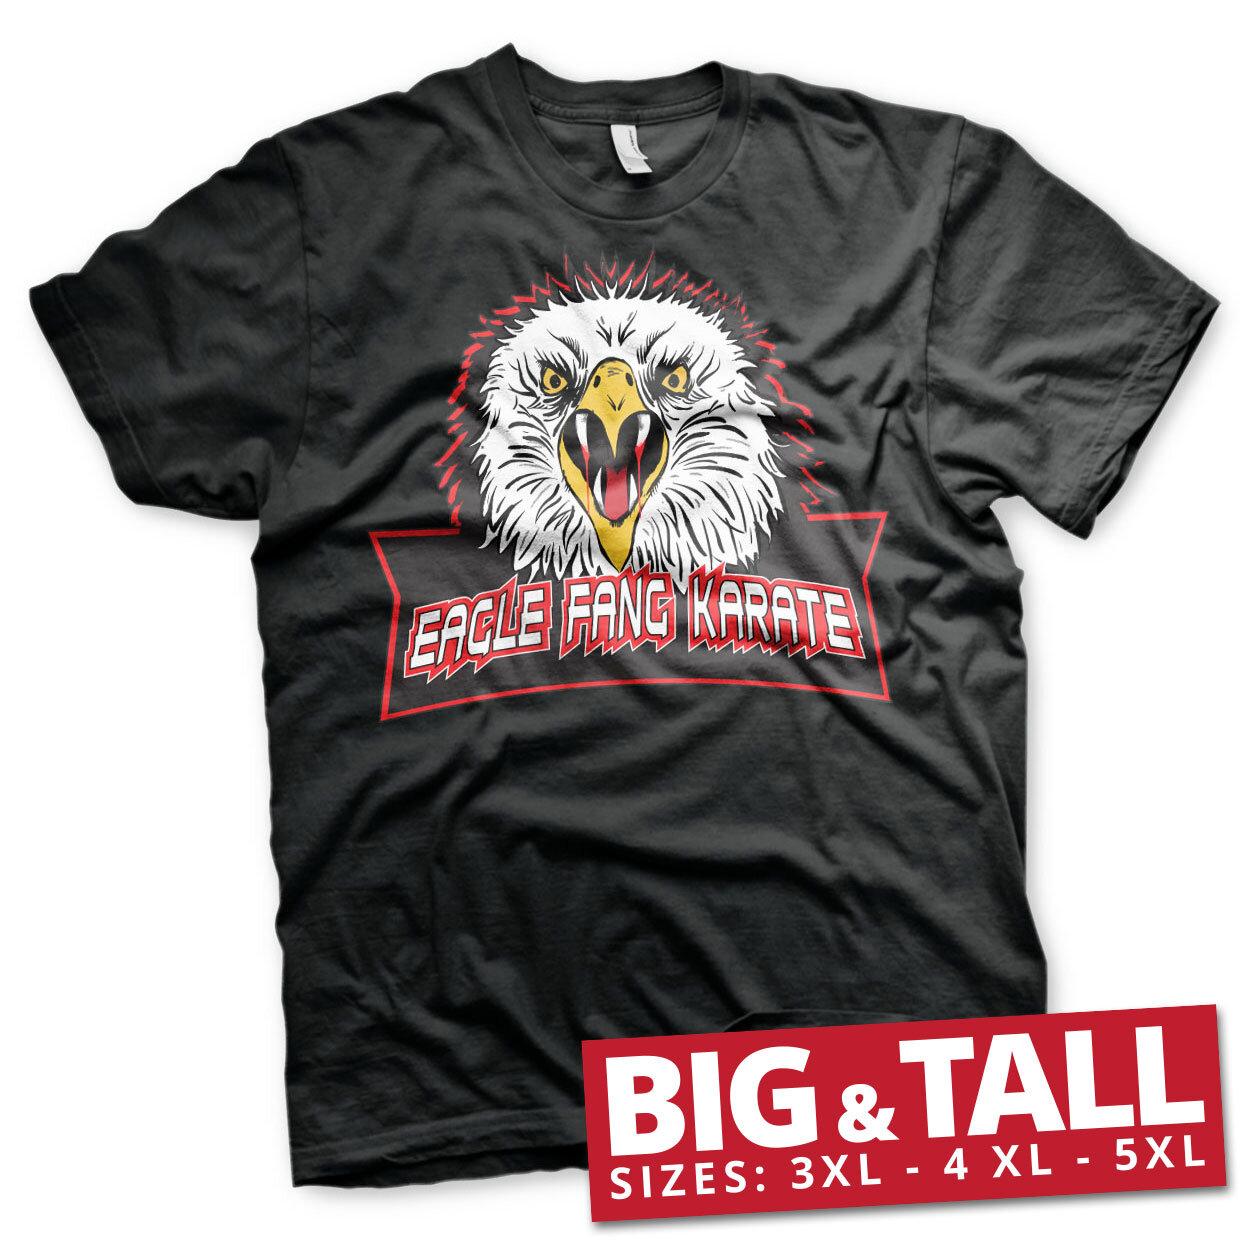 Eagle Fang Karate Big & Tall T-Shirt